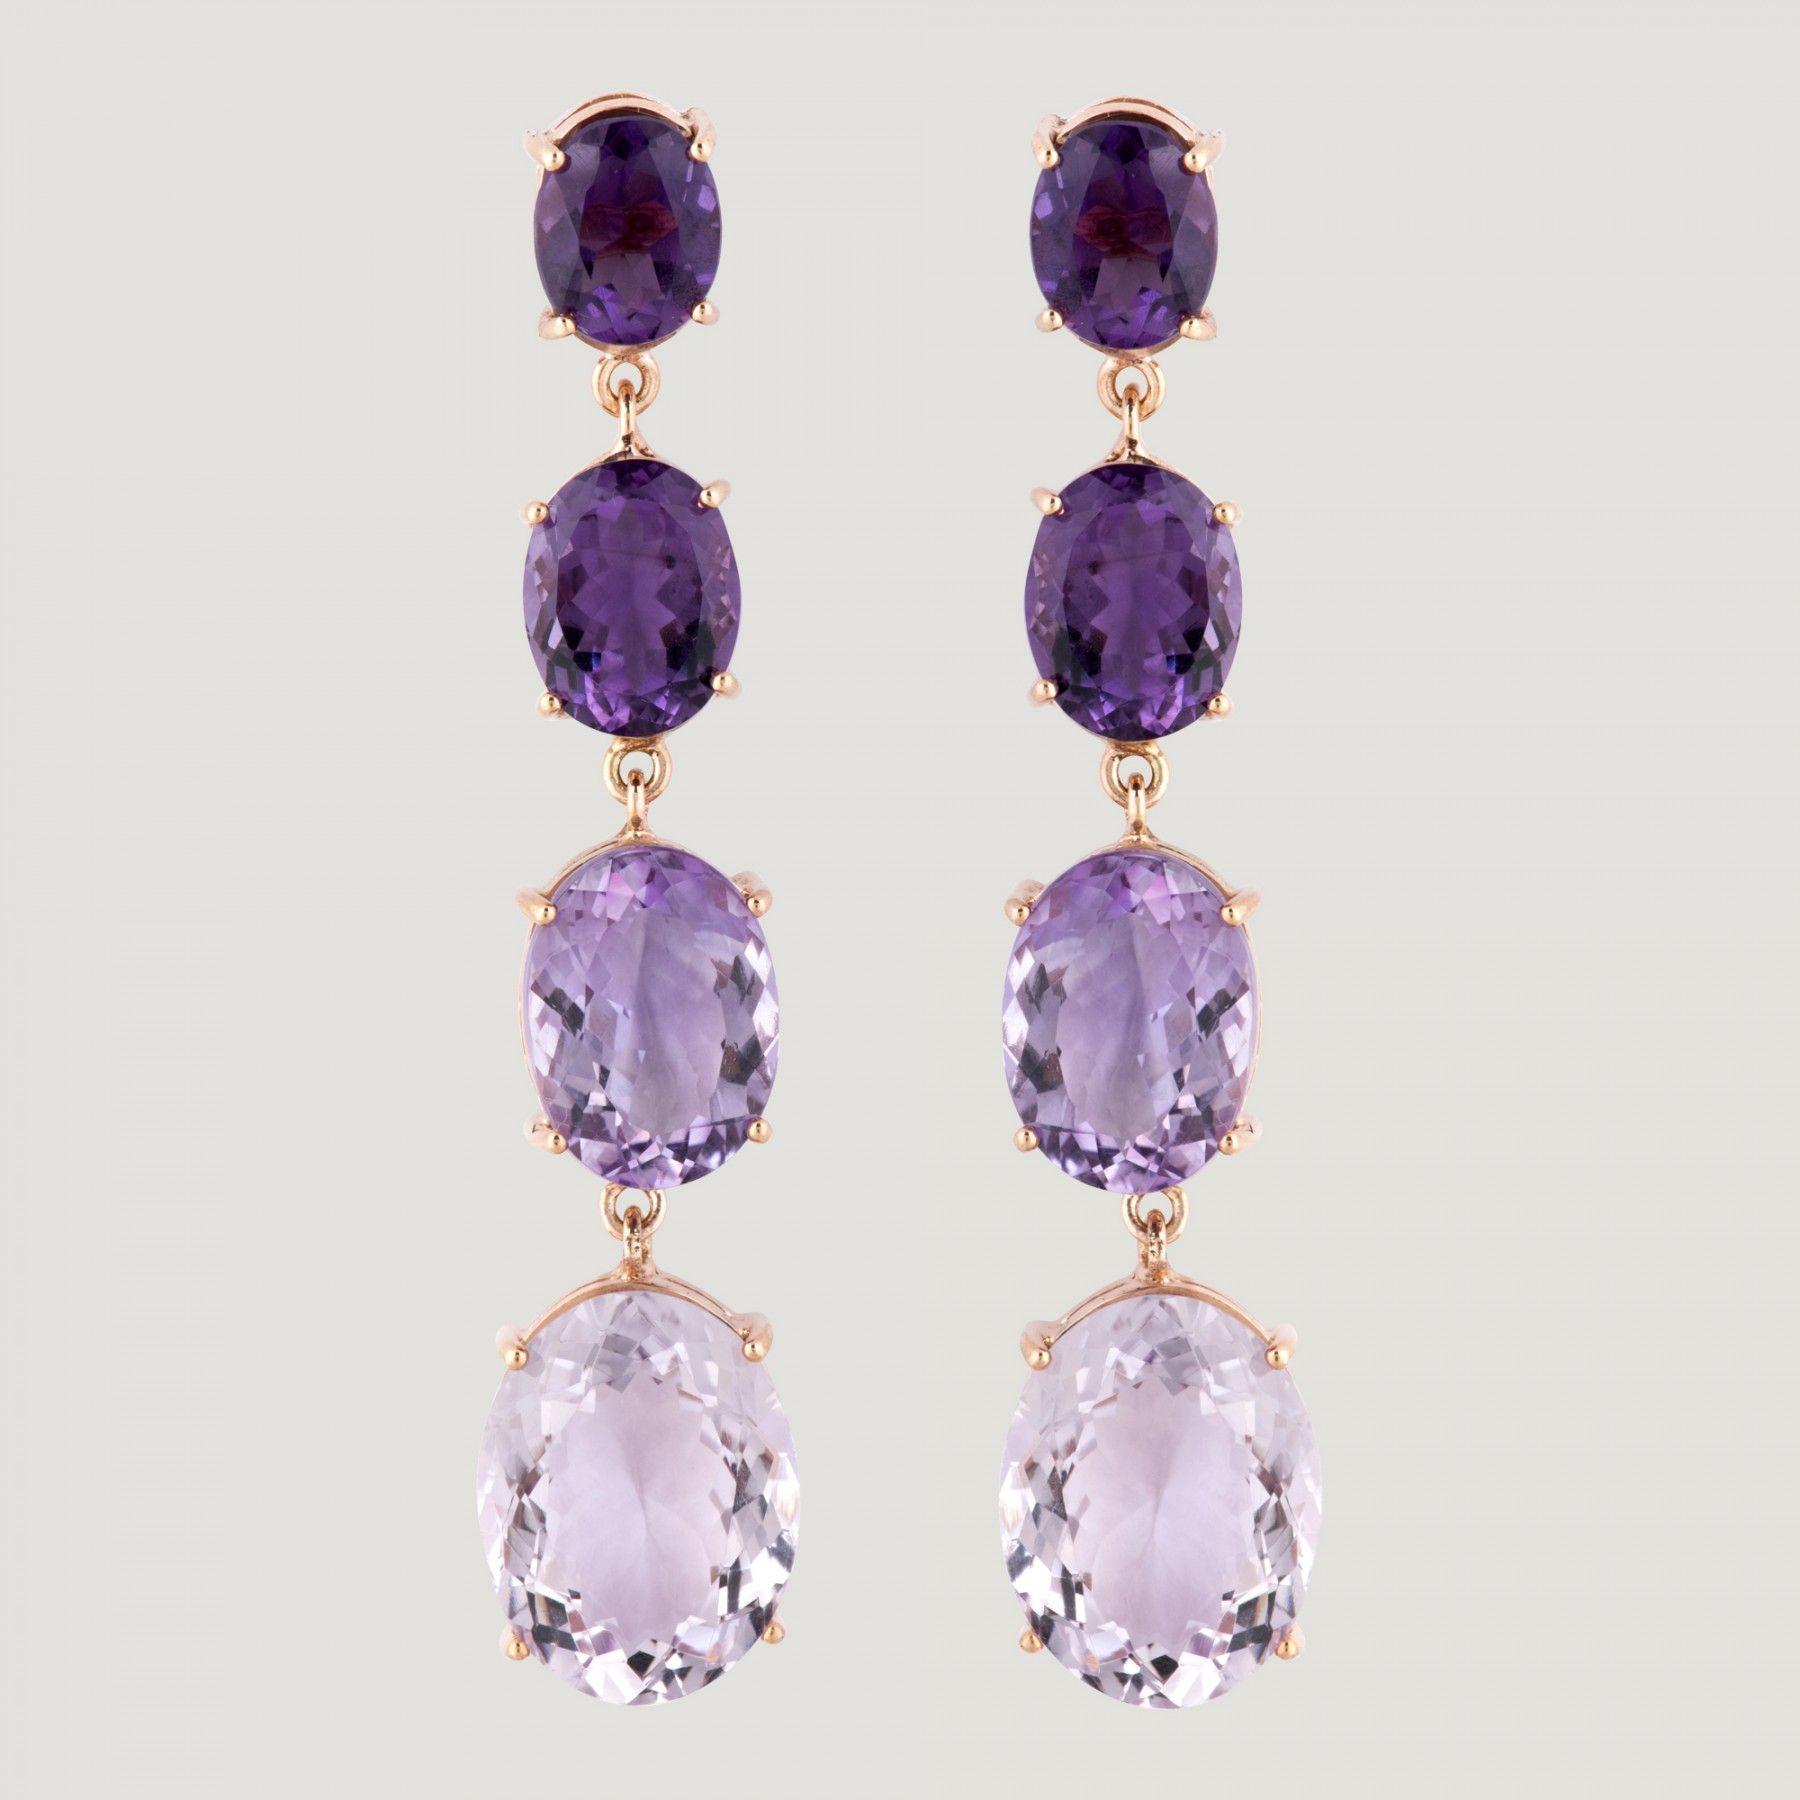 Square Bezel Amethyst Birthstone Drop Dangle Leverback Earrings 14K White Gold